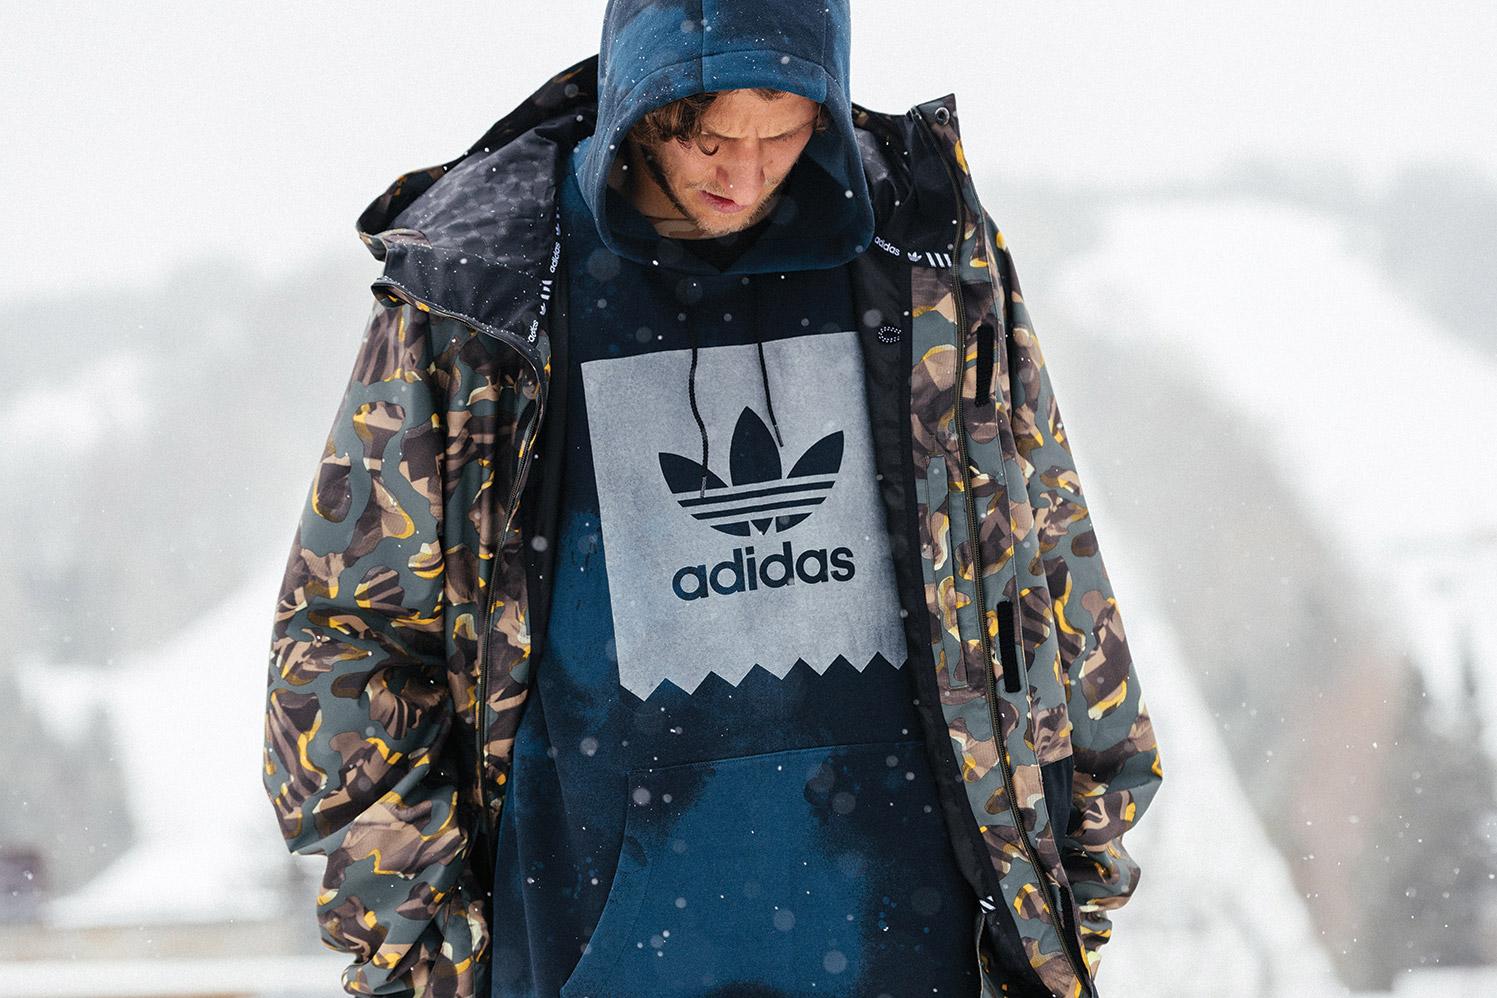 Addias Newest Snowboarding Apparel Inspired By Streetwear Fashion